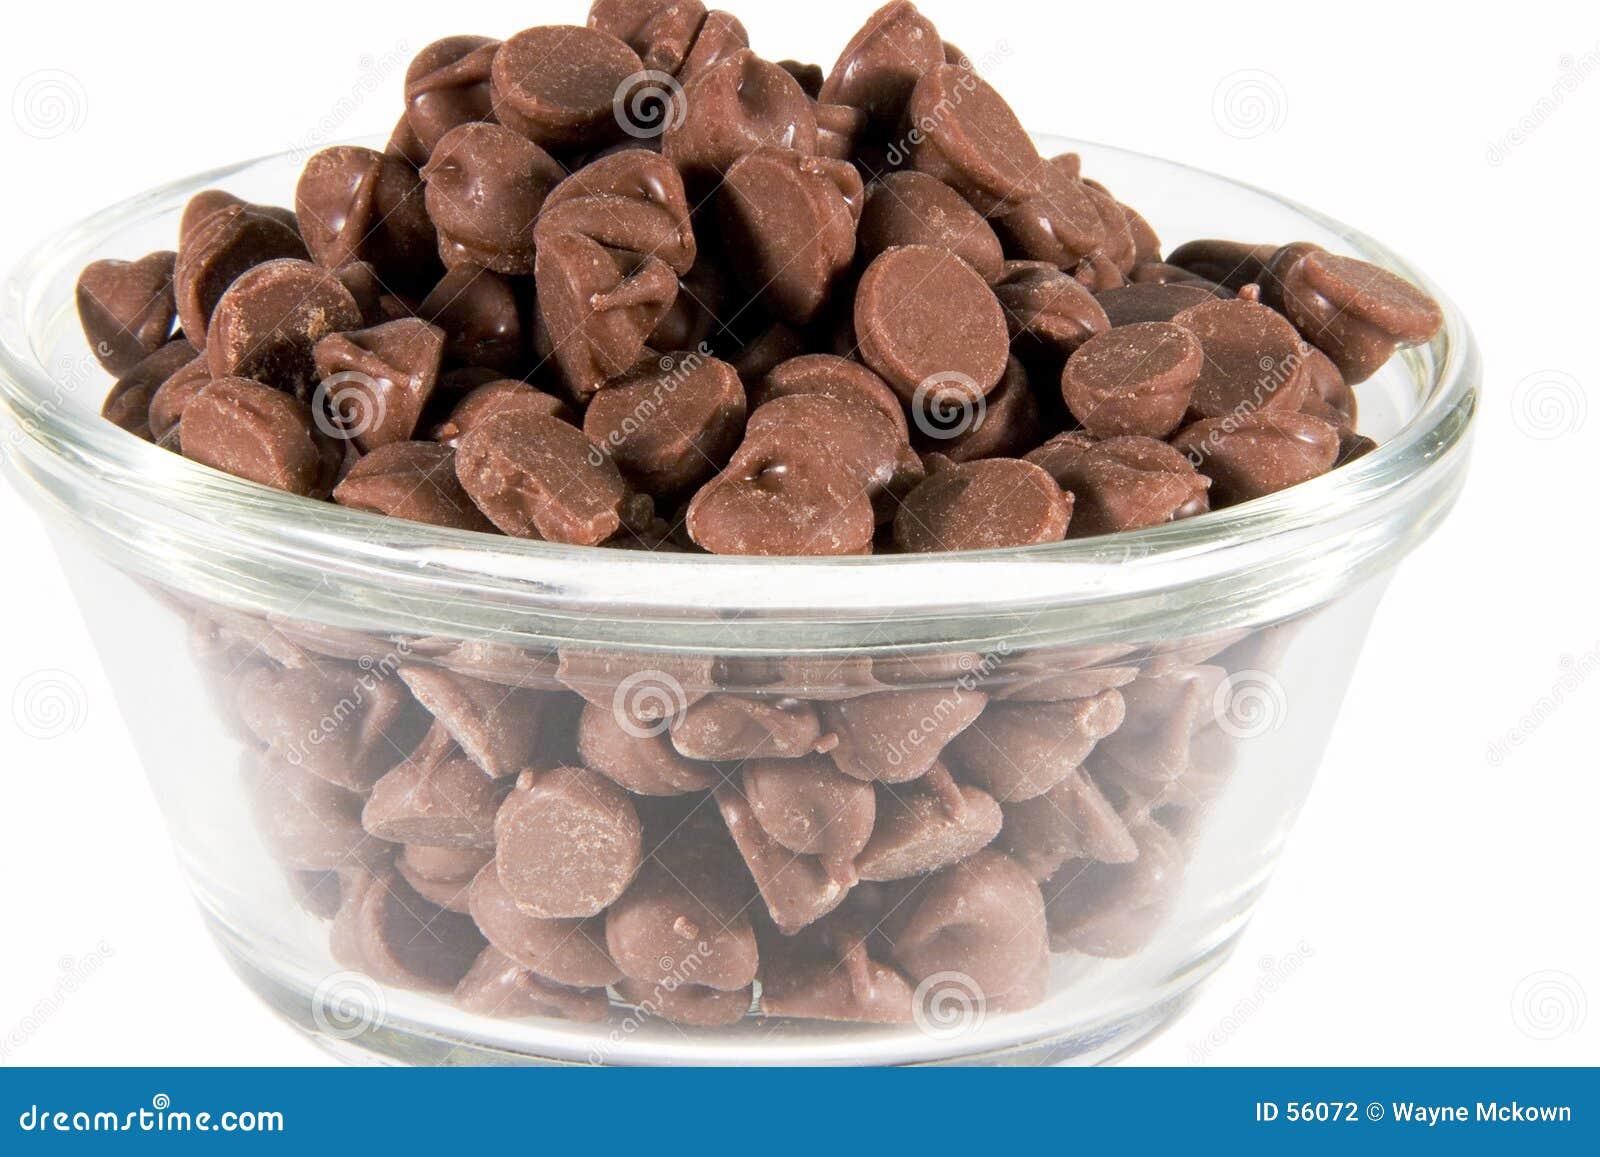 Download Chocolat du lait photo stock. Image du dessert, noisette - 56072